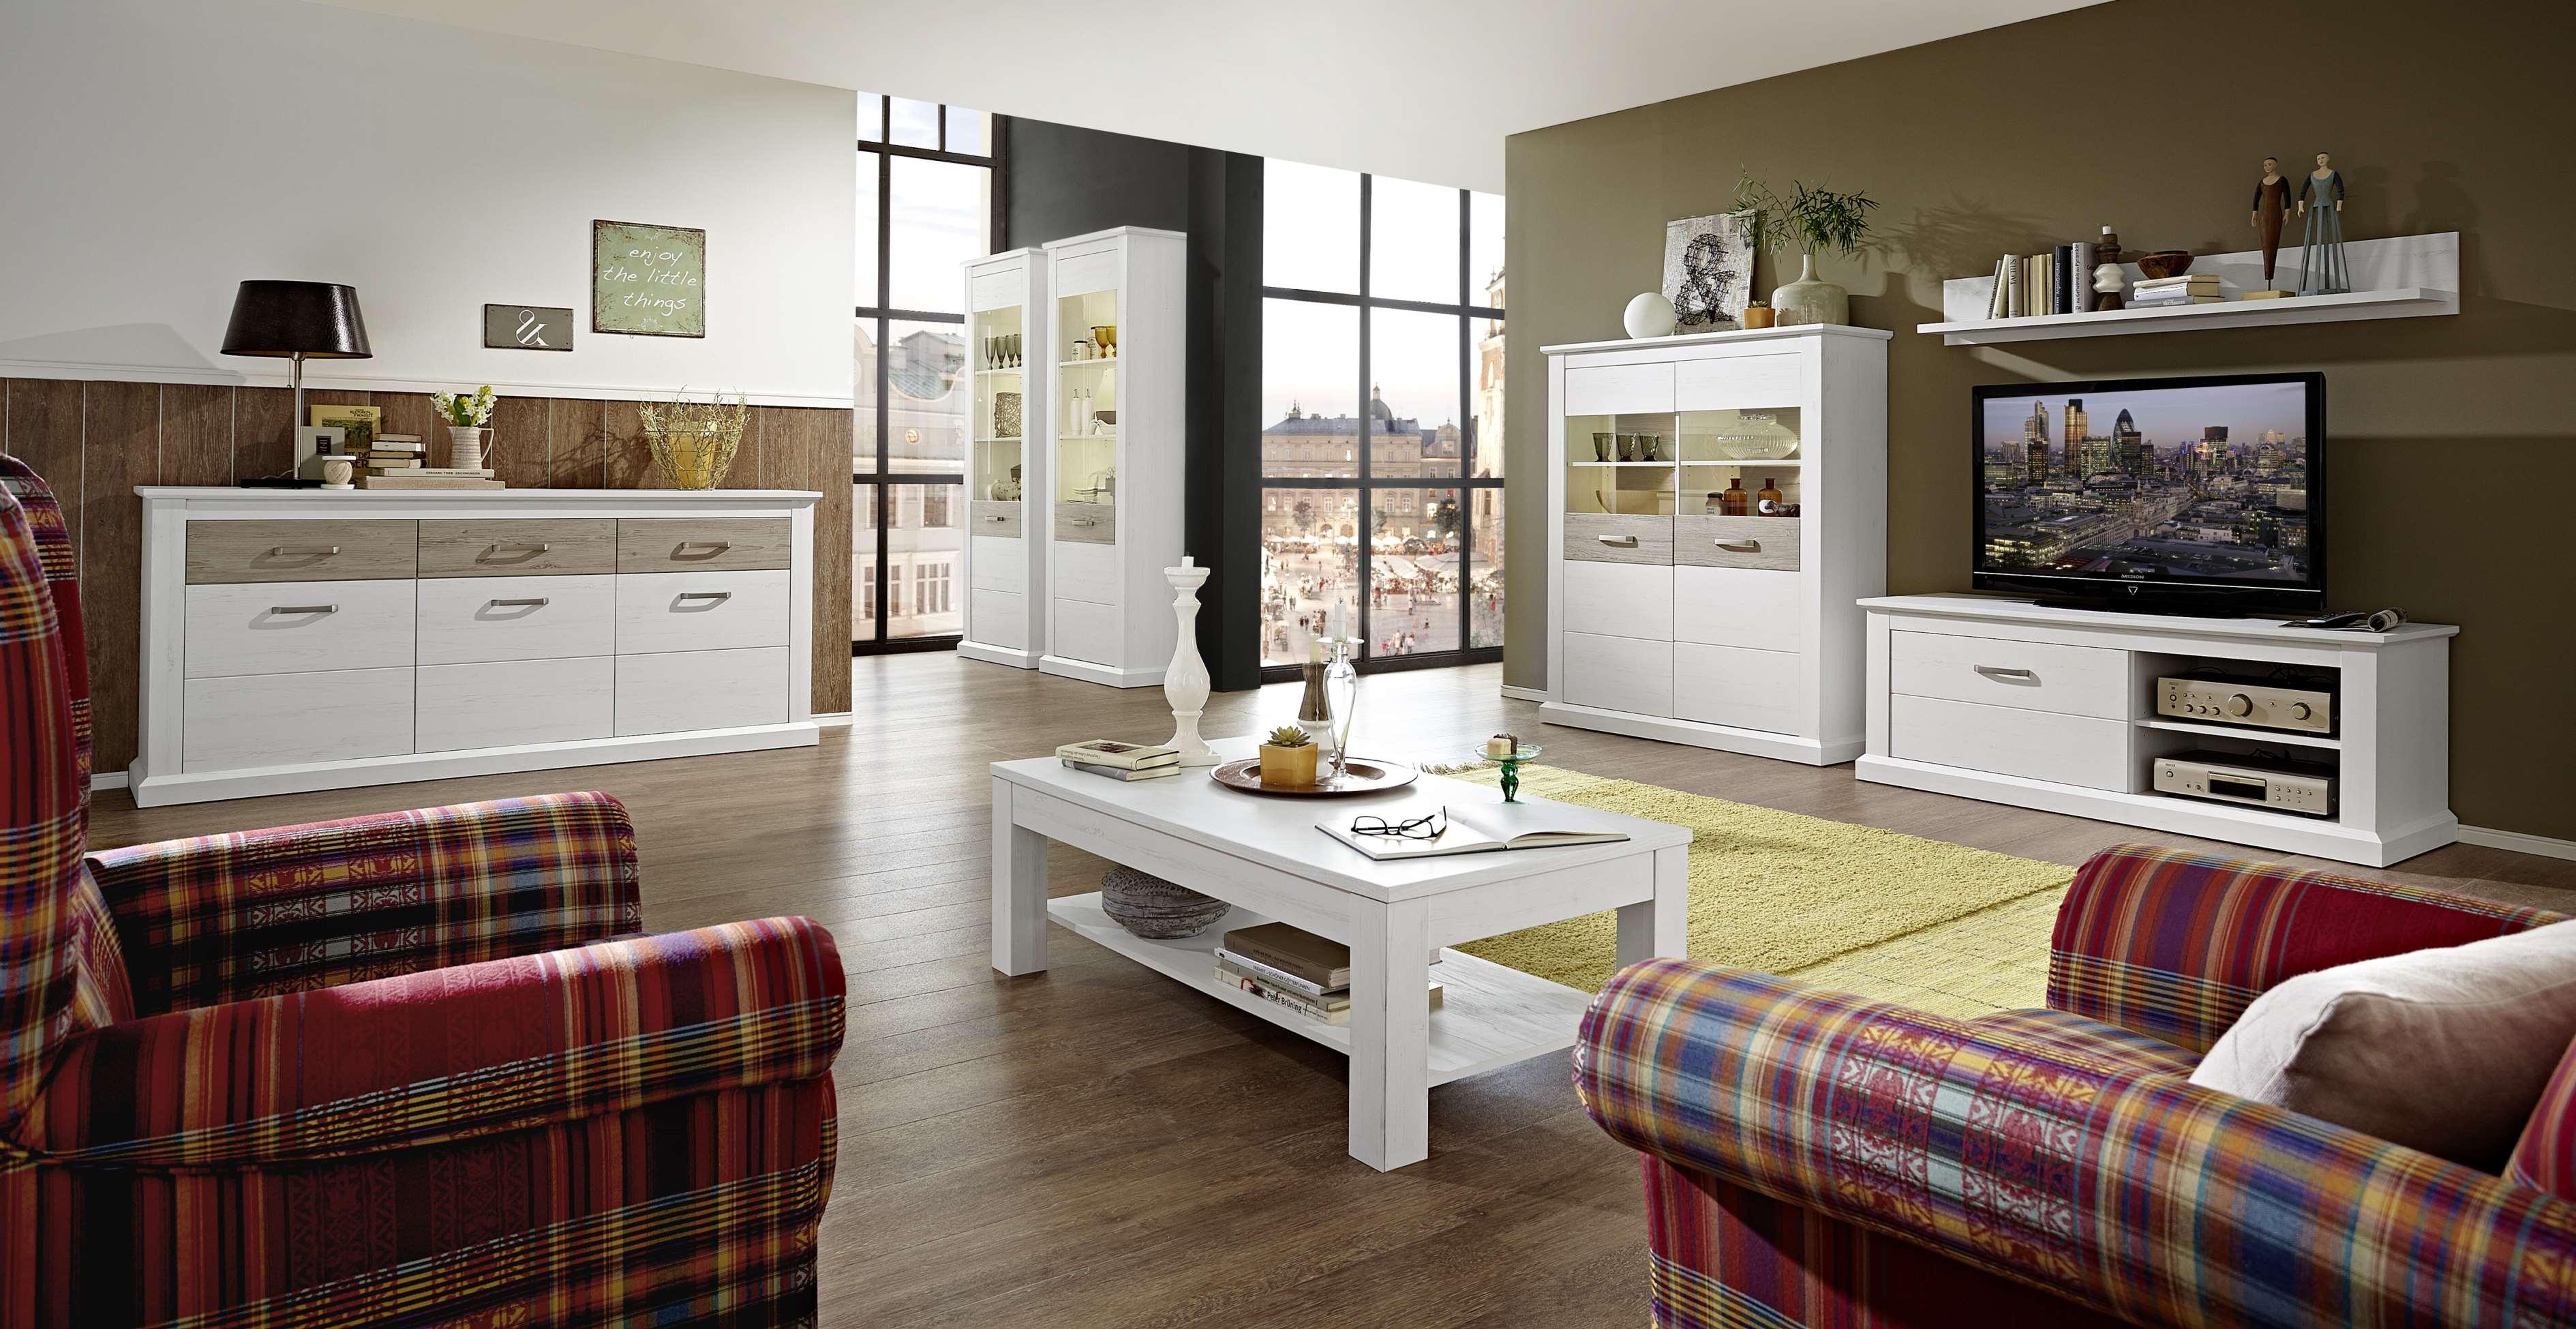 Beautiful Bestellen Sie Jetzt Ihren Wohnwand Wohnzimmer Set